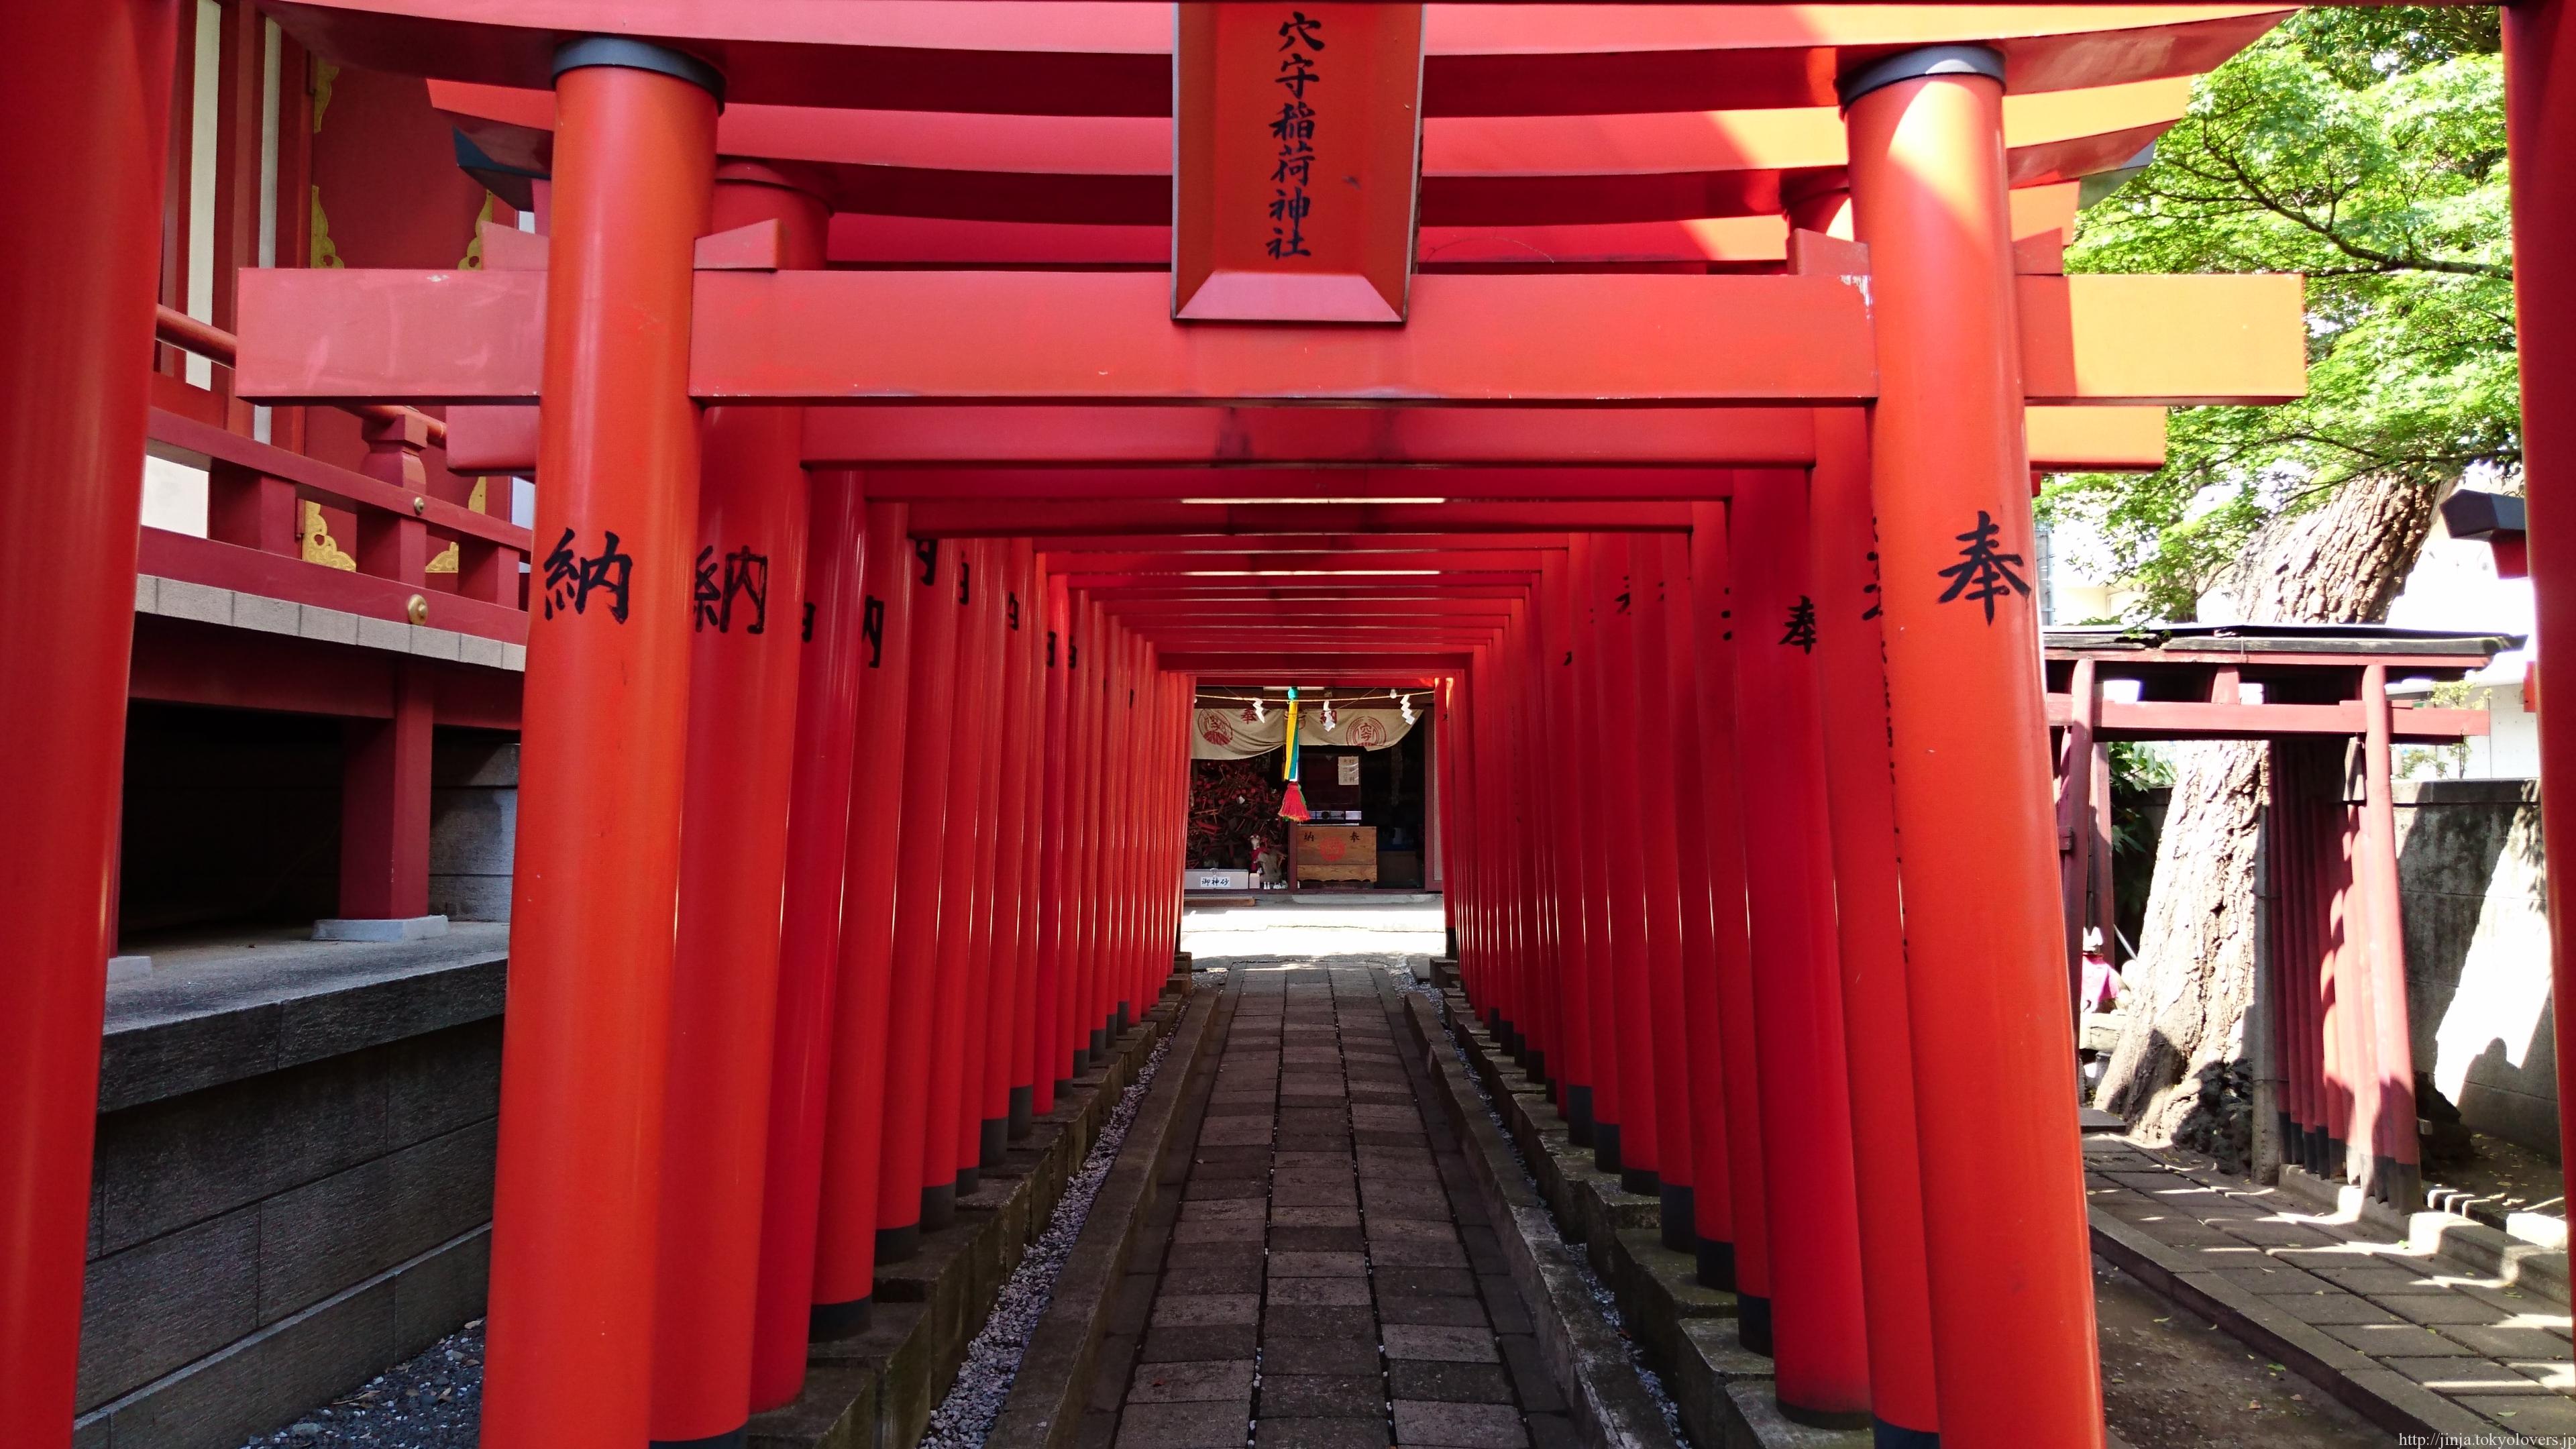 穴守稲荷神社 | 神社と御朱印